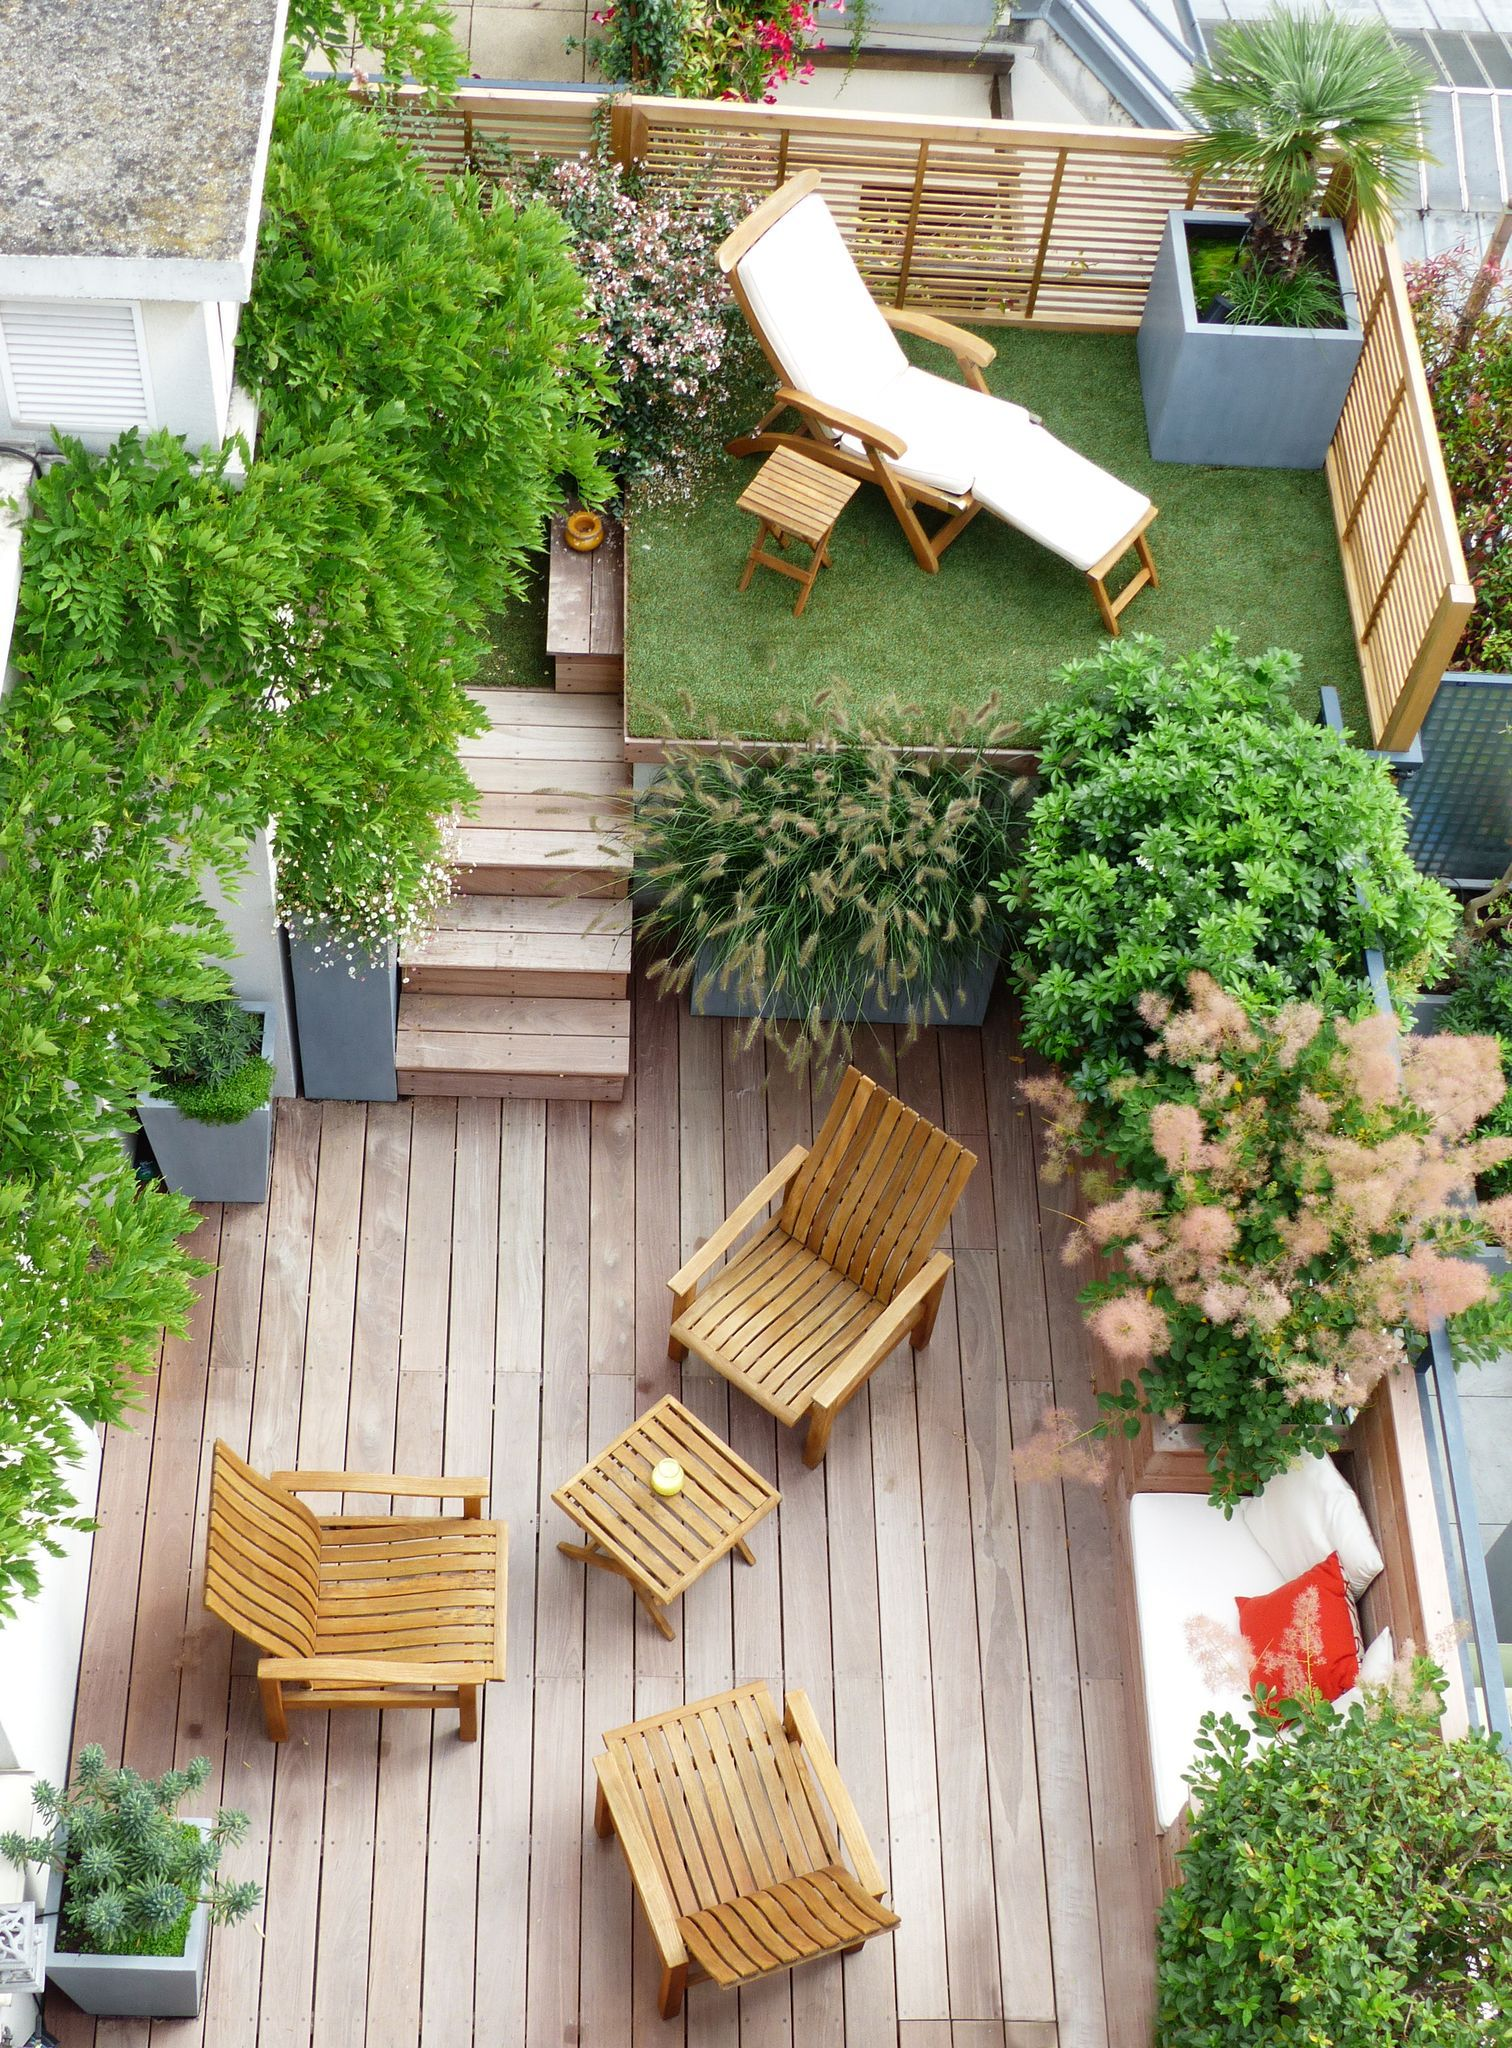 claustra-exterieur-sur-la-terrasse-de-ville_5835861.jpeg